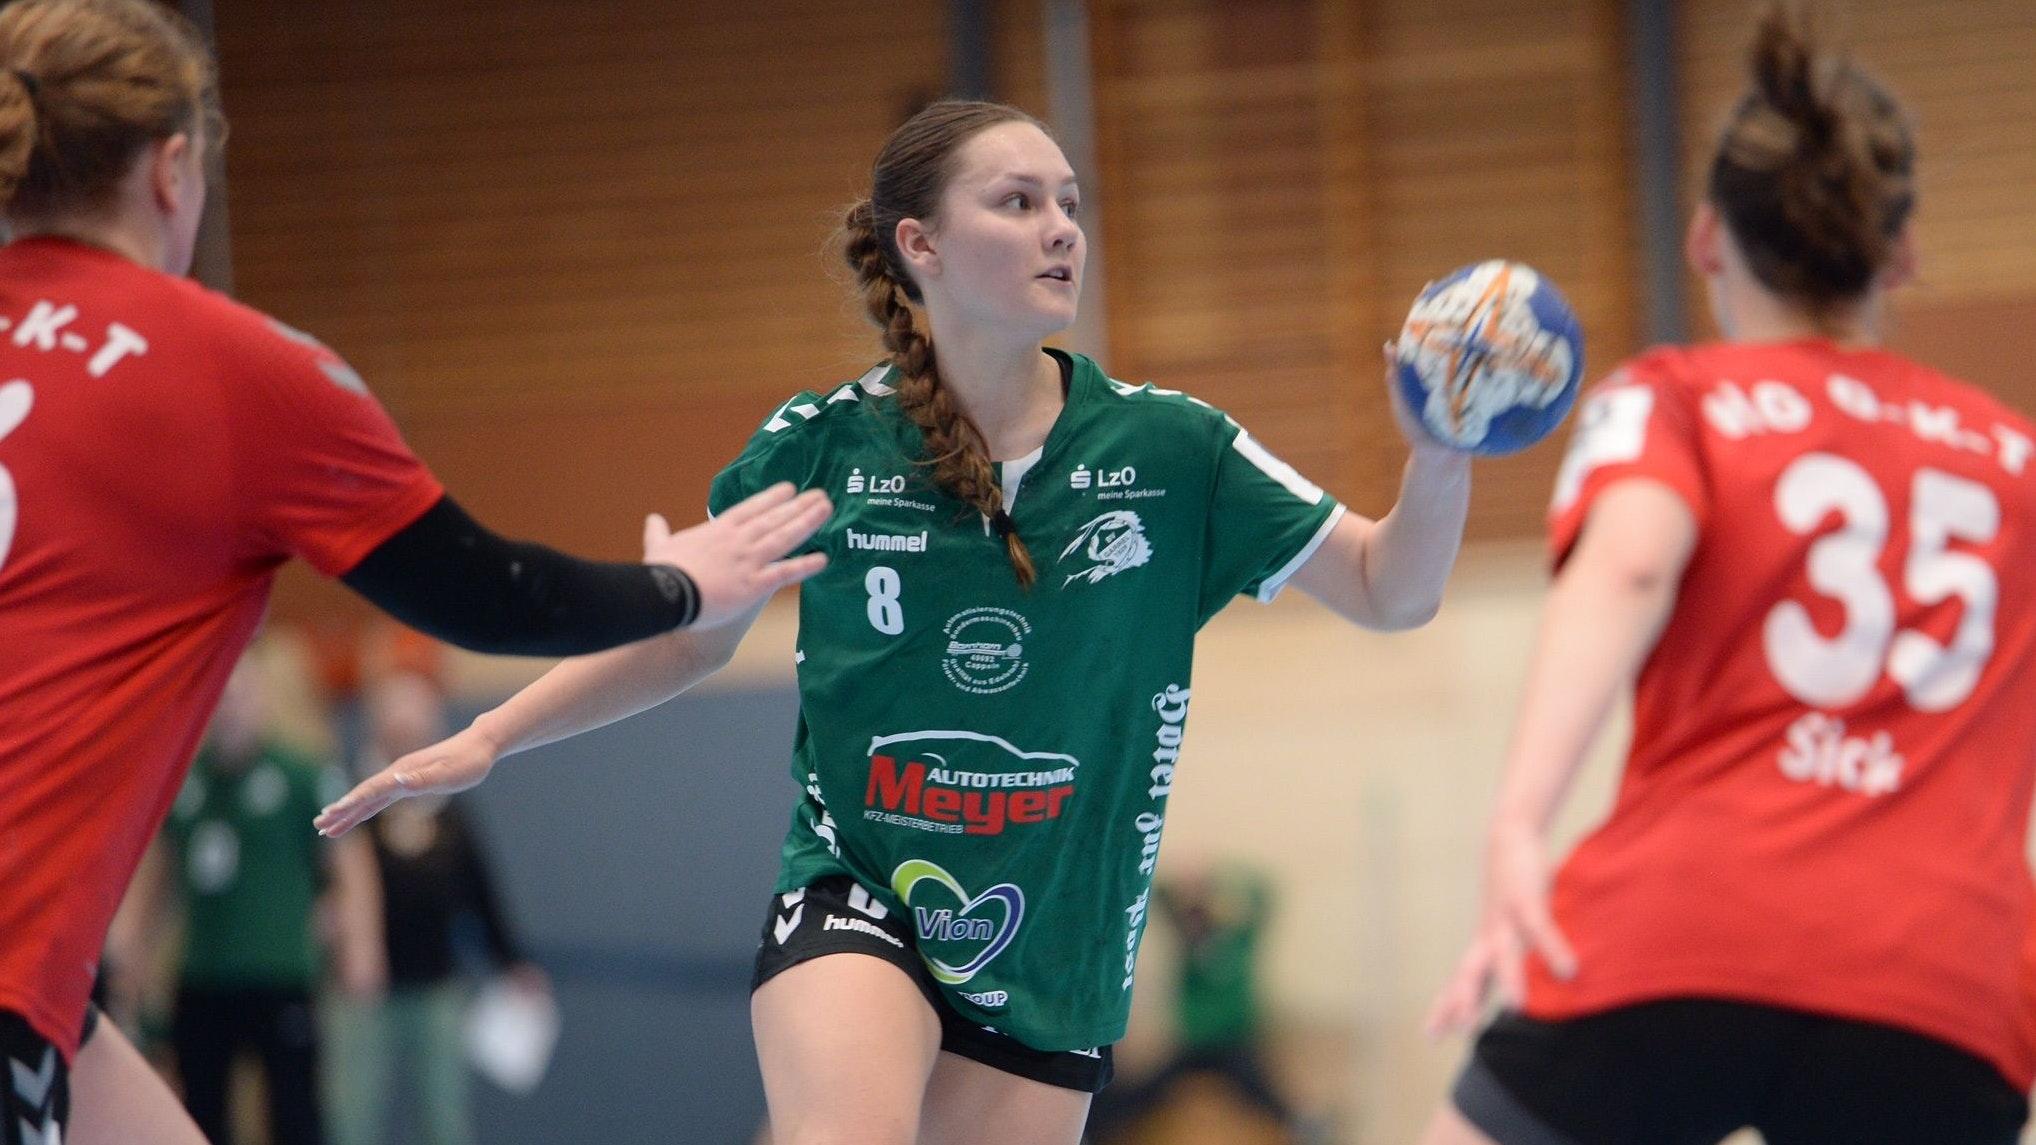 Acht Tore reichten nicht: Sophie Solomachin kassierte mit dem BV Garrel eine Heimniederlage. Foto: Langosch